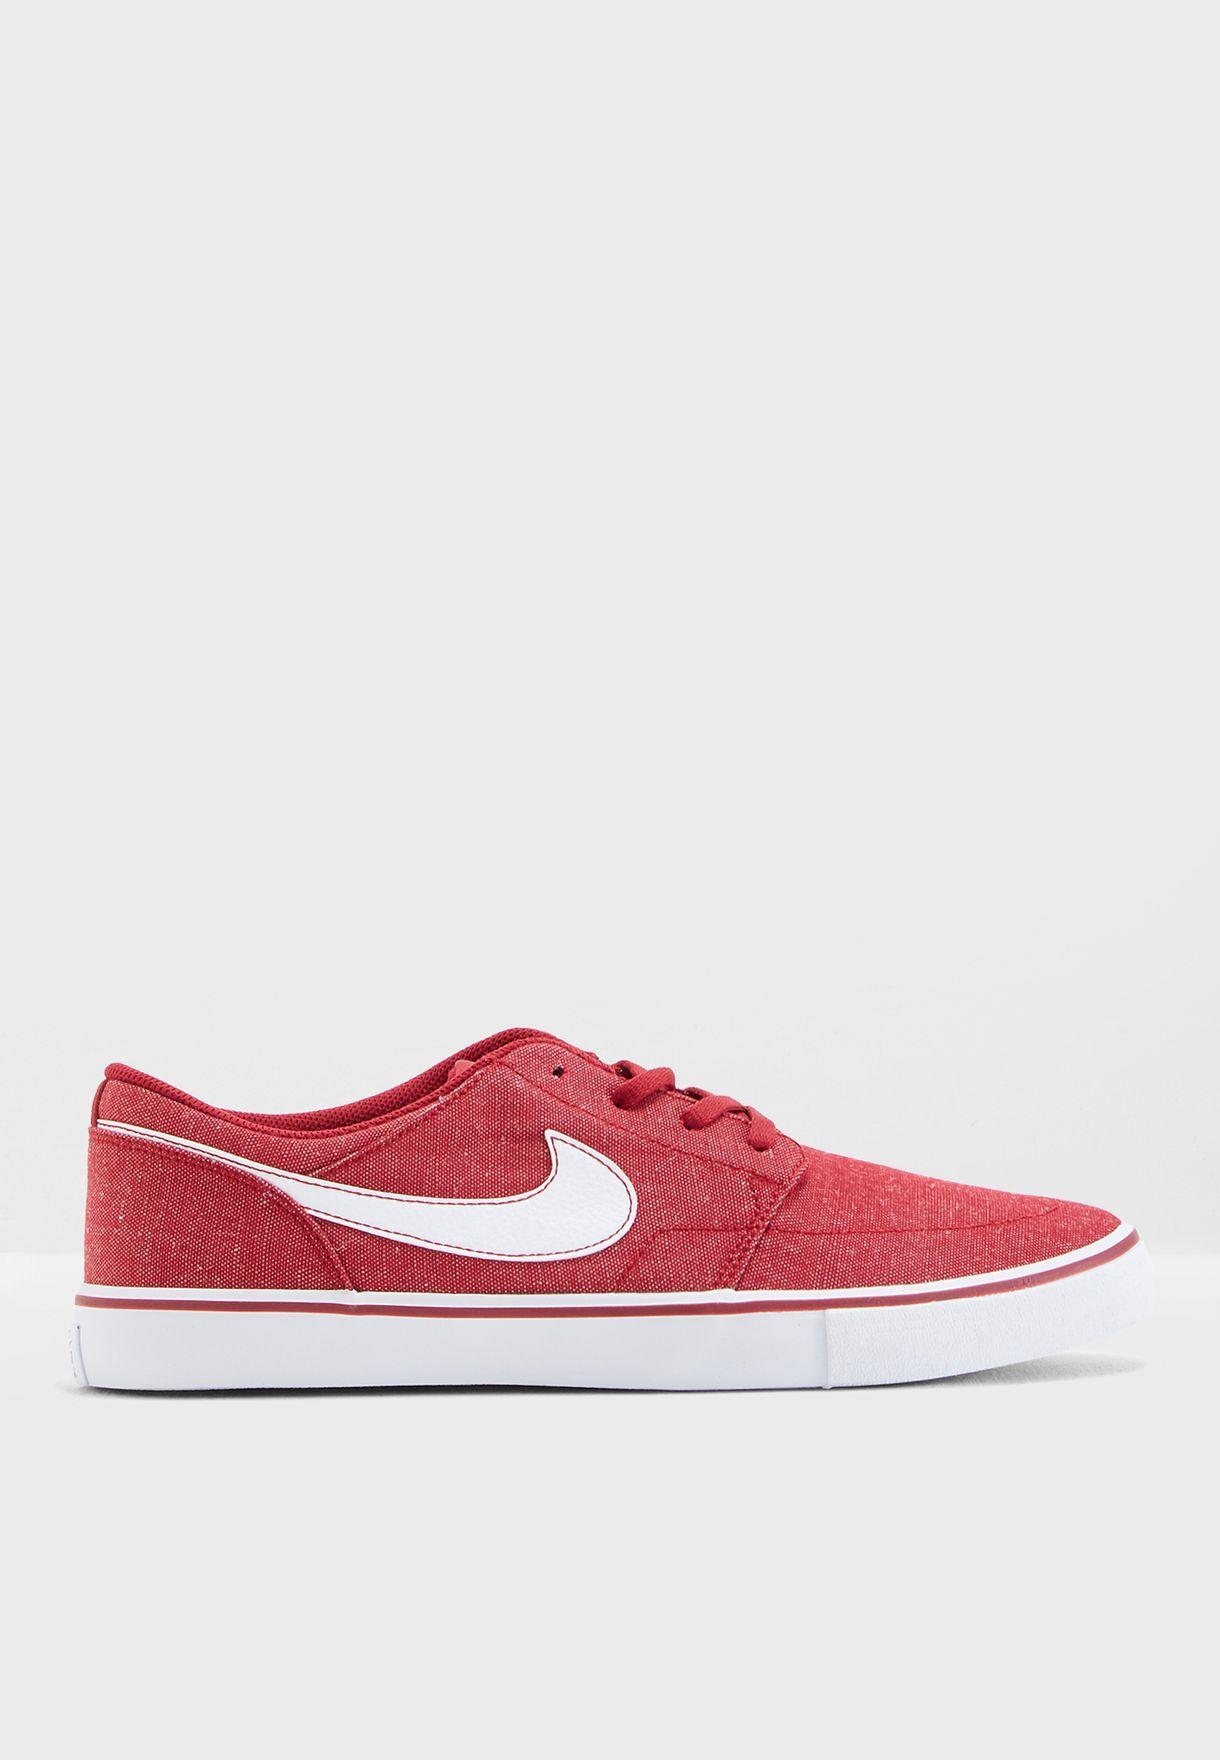 1823fd8af631 Shop Nike red SB Portmore II SLR 880269-600 for Men in UAE ...